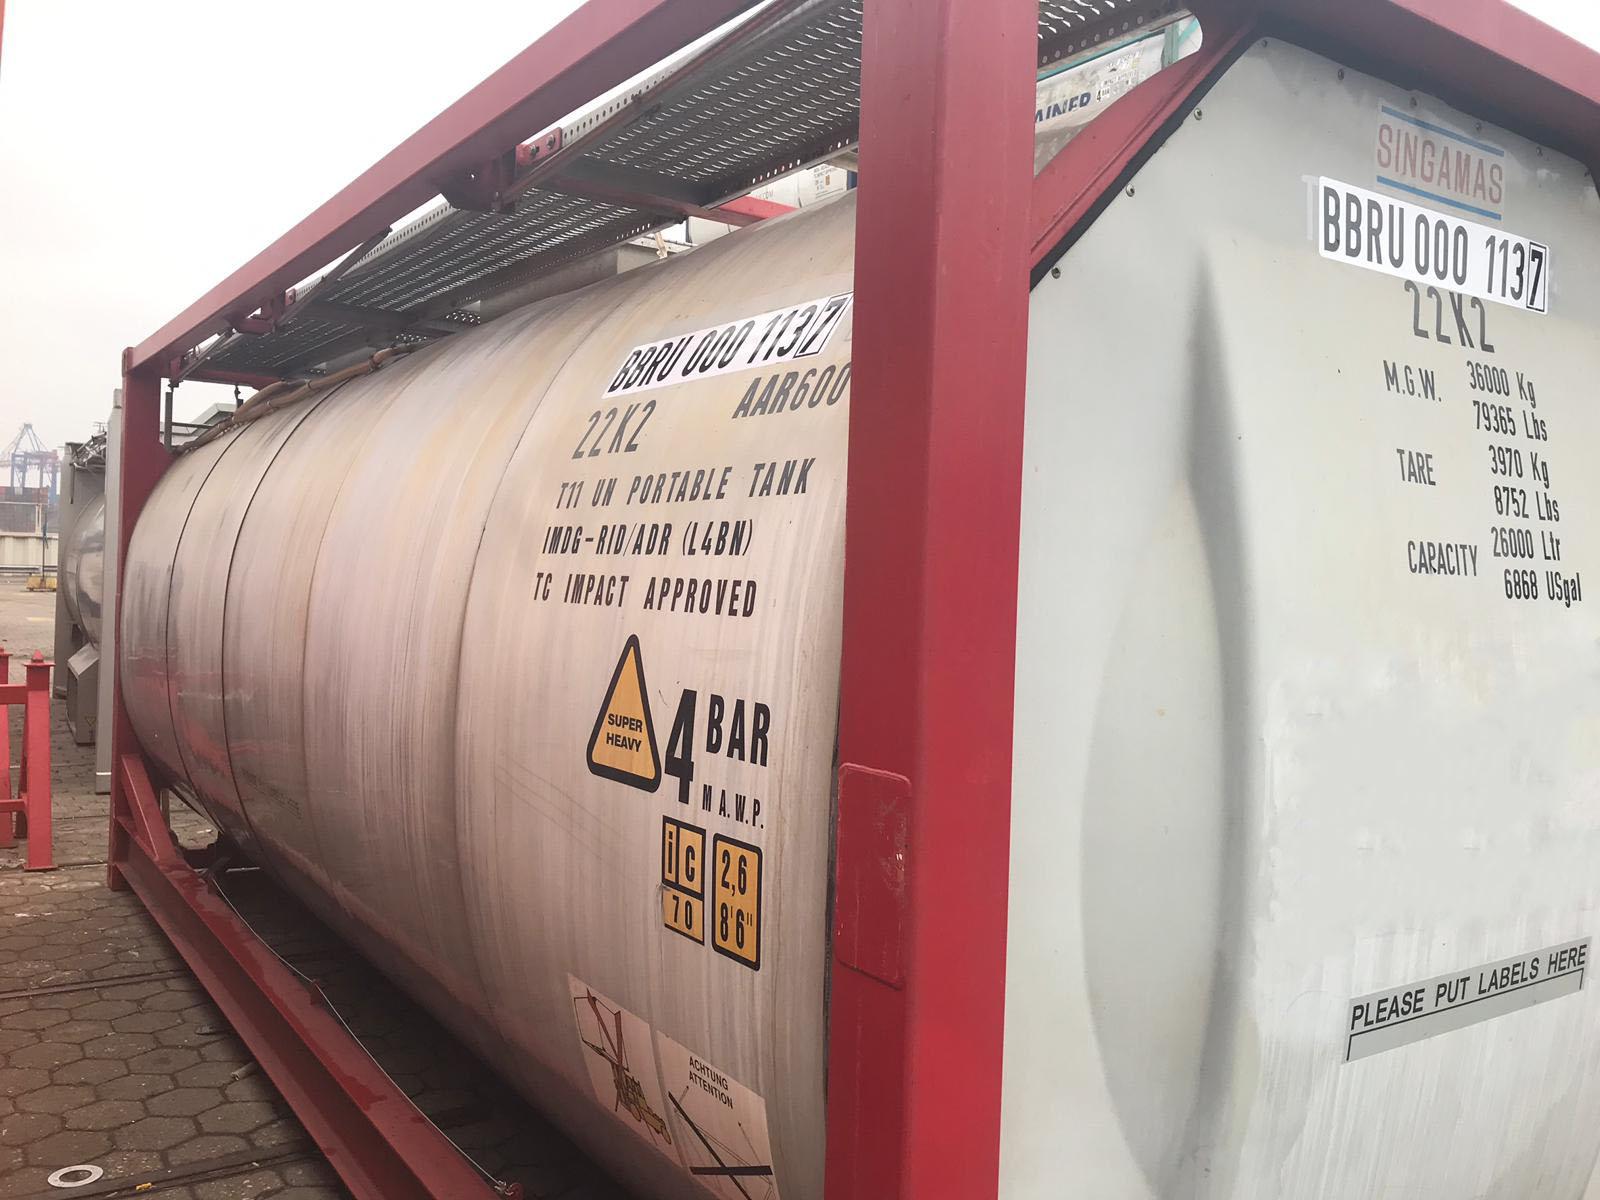 Купить танк-контейнер T11 (BBRU 0001137) — 25 982 литров